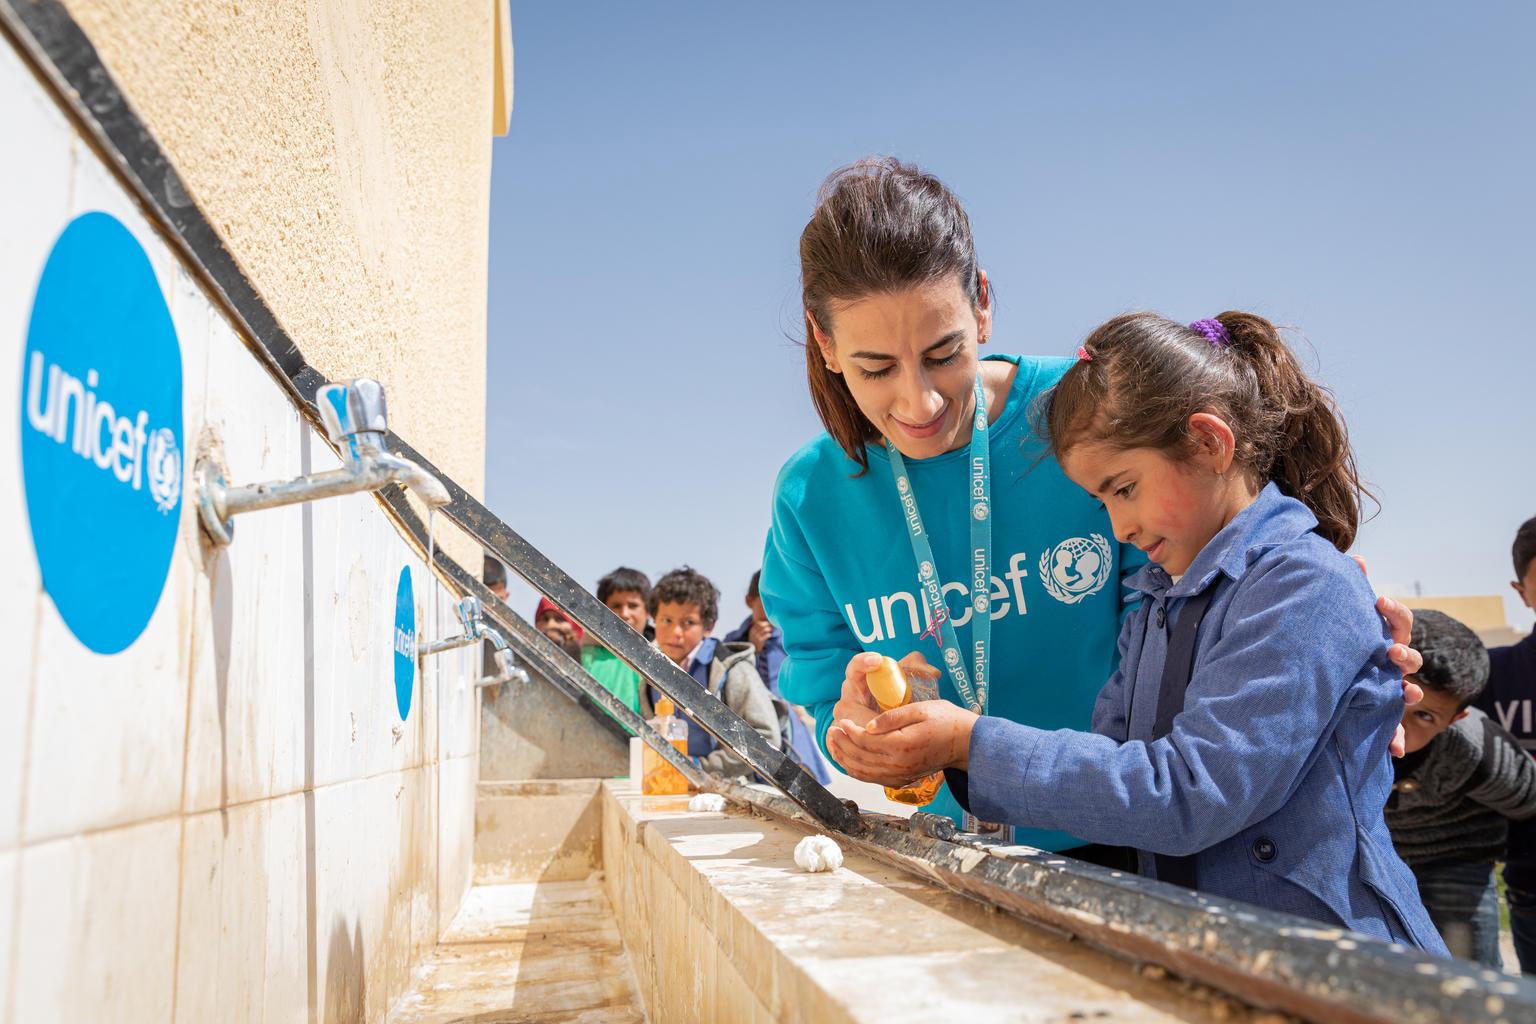 Lapset oppivat kunnollisen käsienpesun merkityksen UNICEFin tukemassa koulussa Jordaniassa